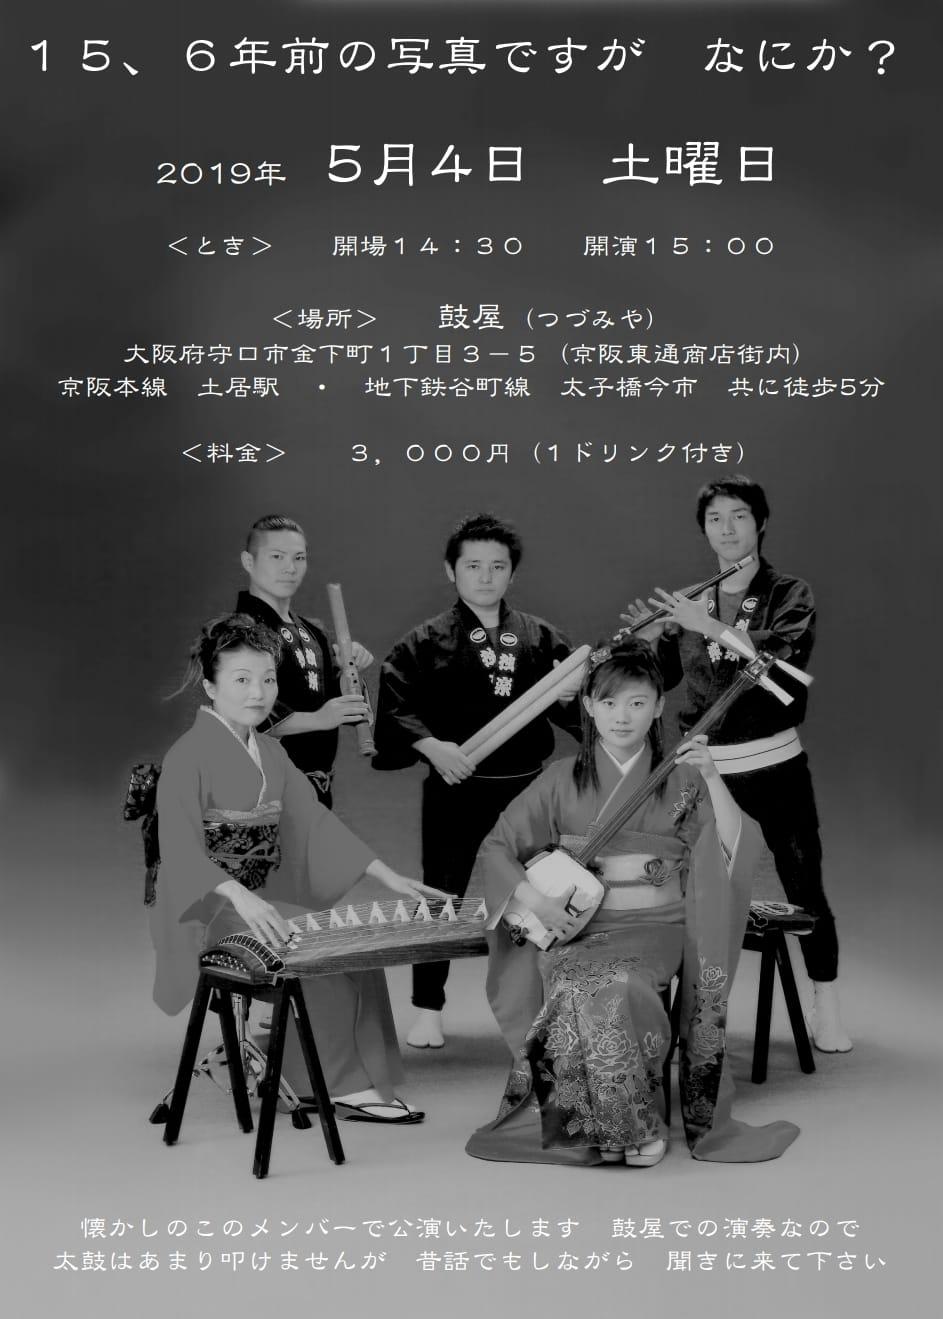 和楽器演奏集団『独楽 』15、6年前の写真ですがなにか?